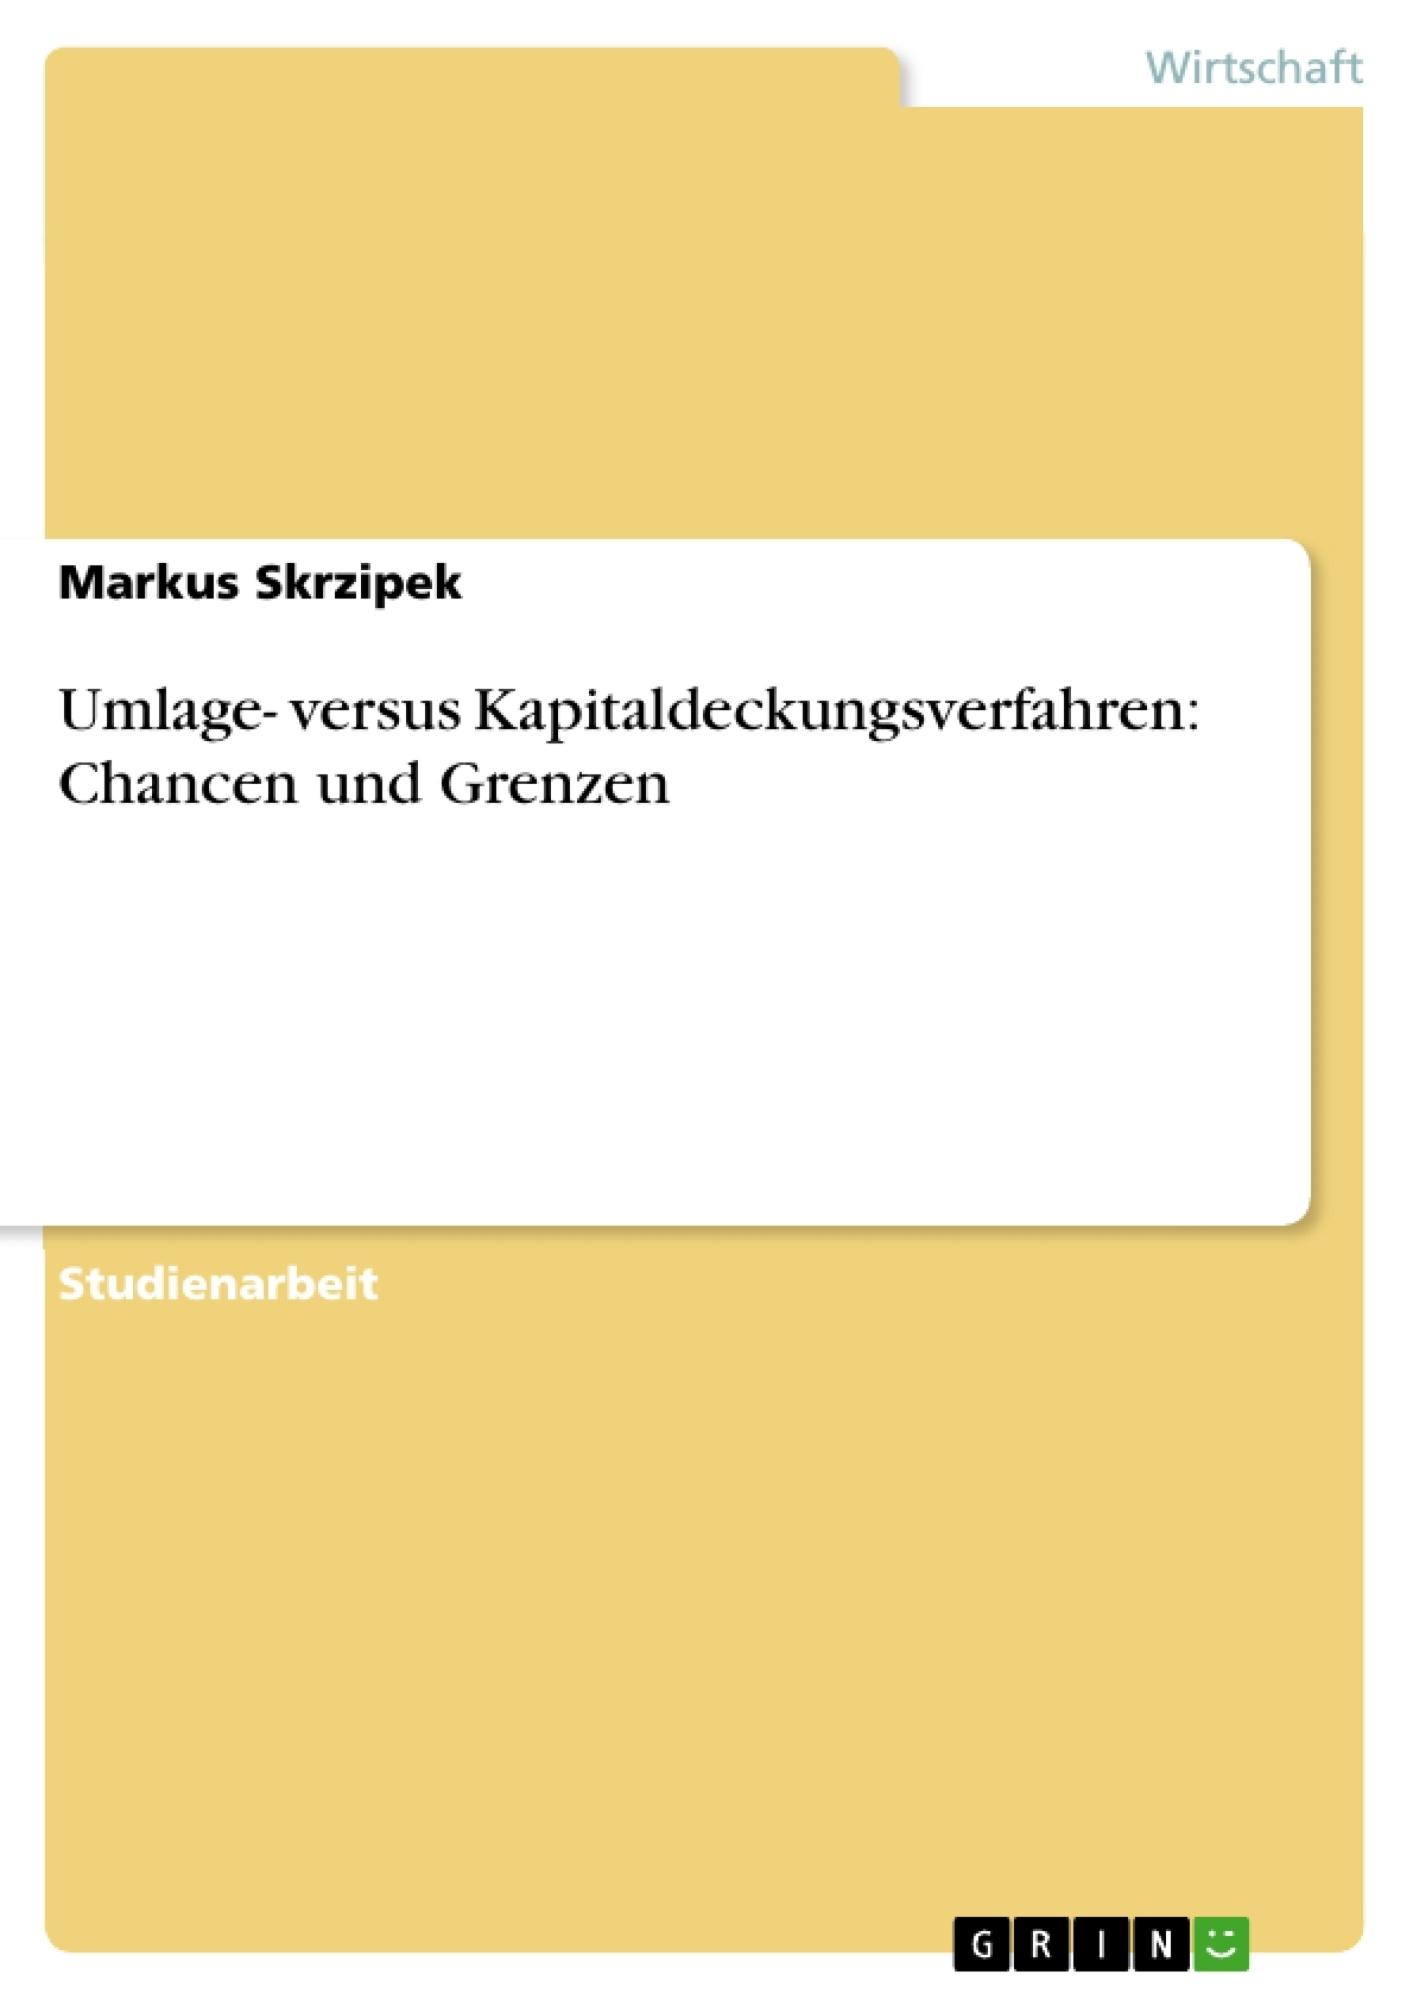 Titel: Umlage- versus Kapitaldeckungsverfahren:  Chancen und Grenzen